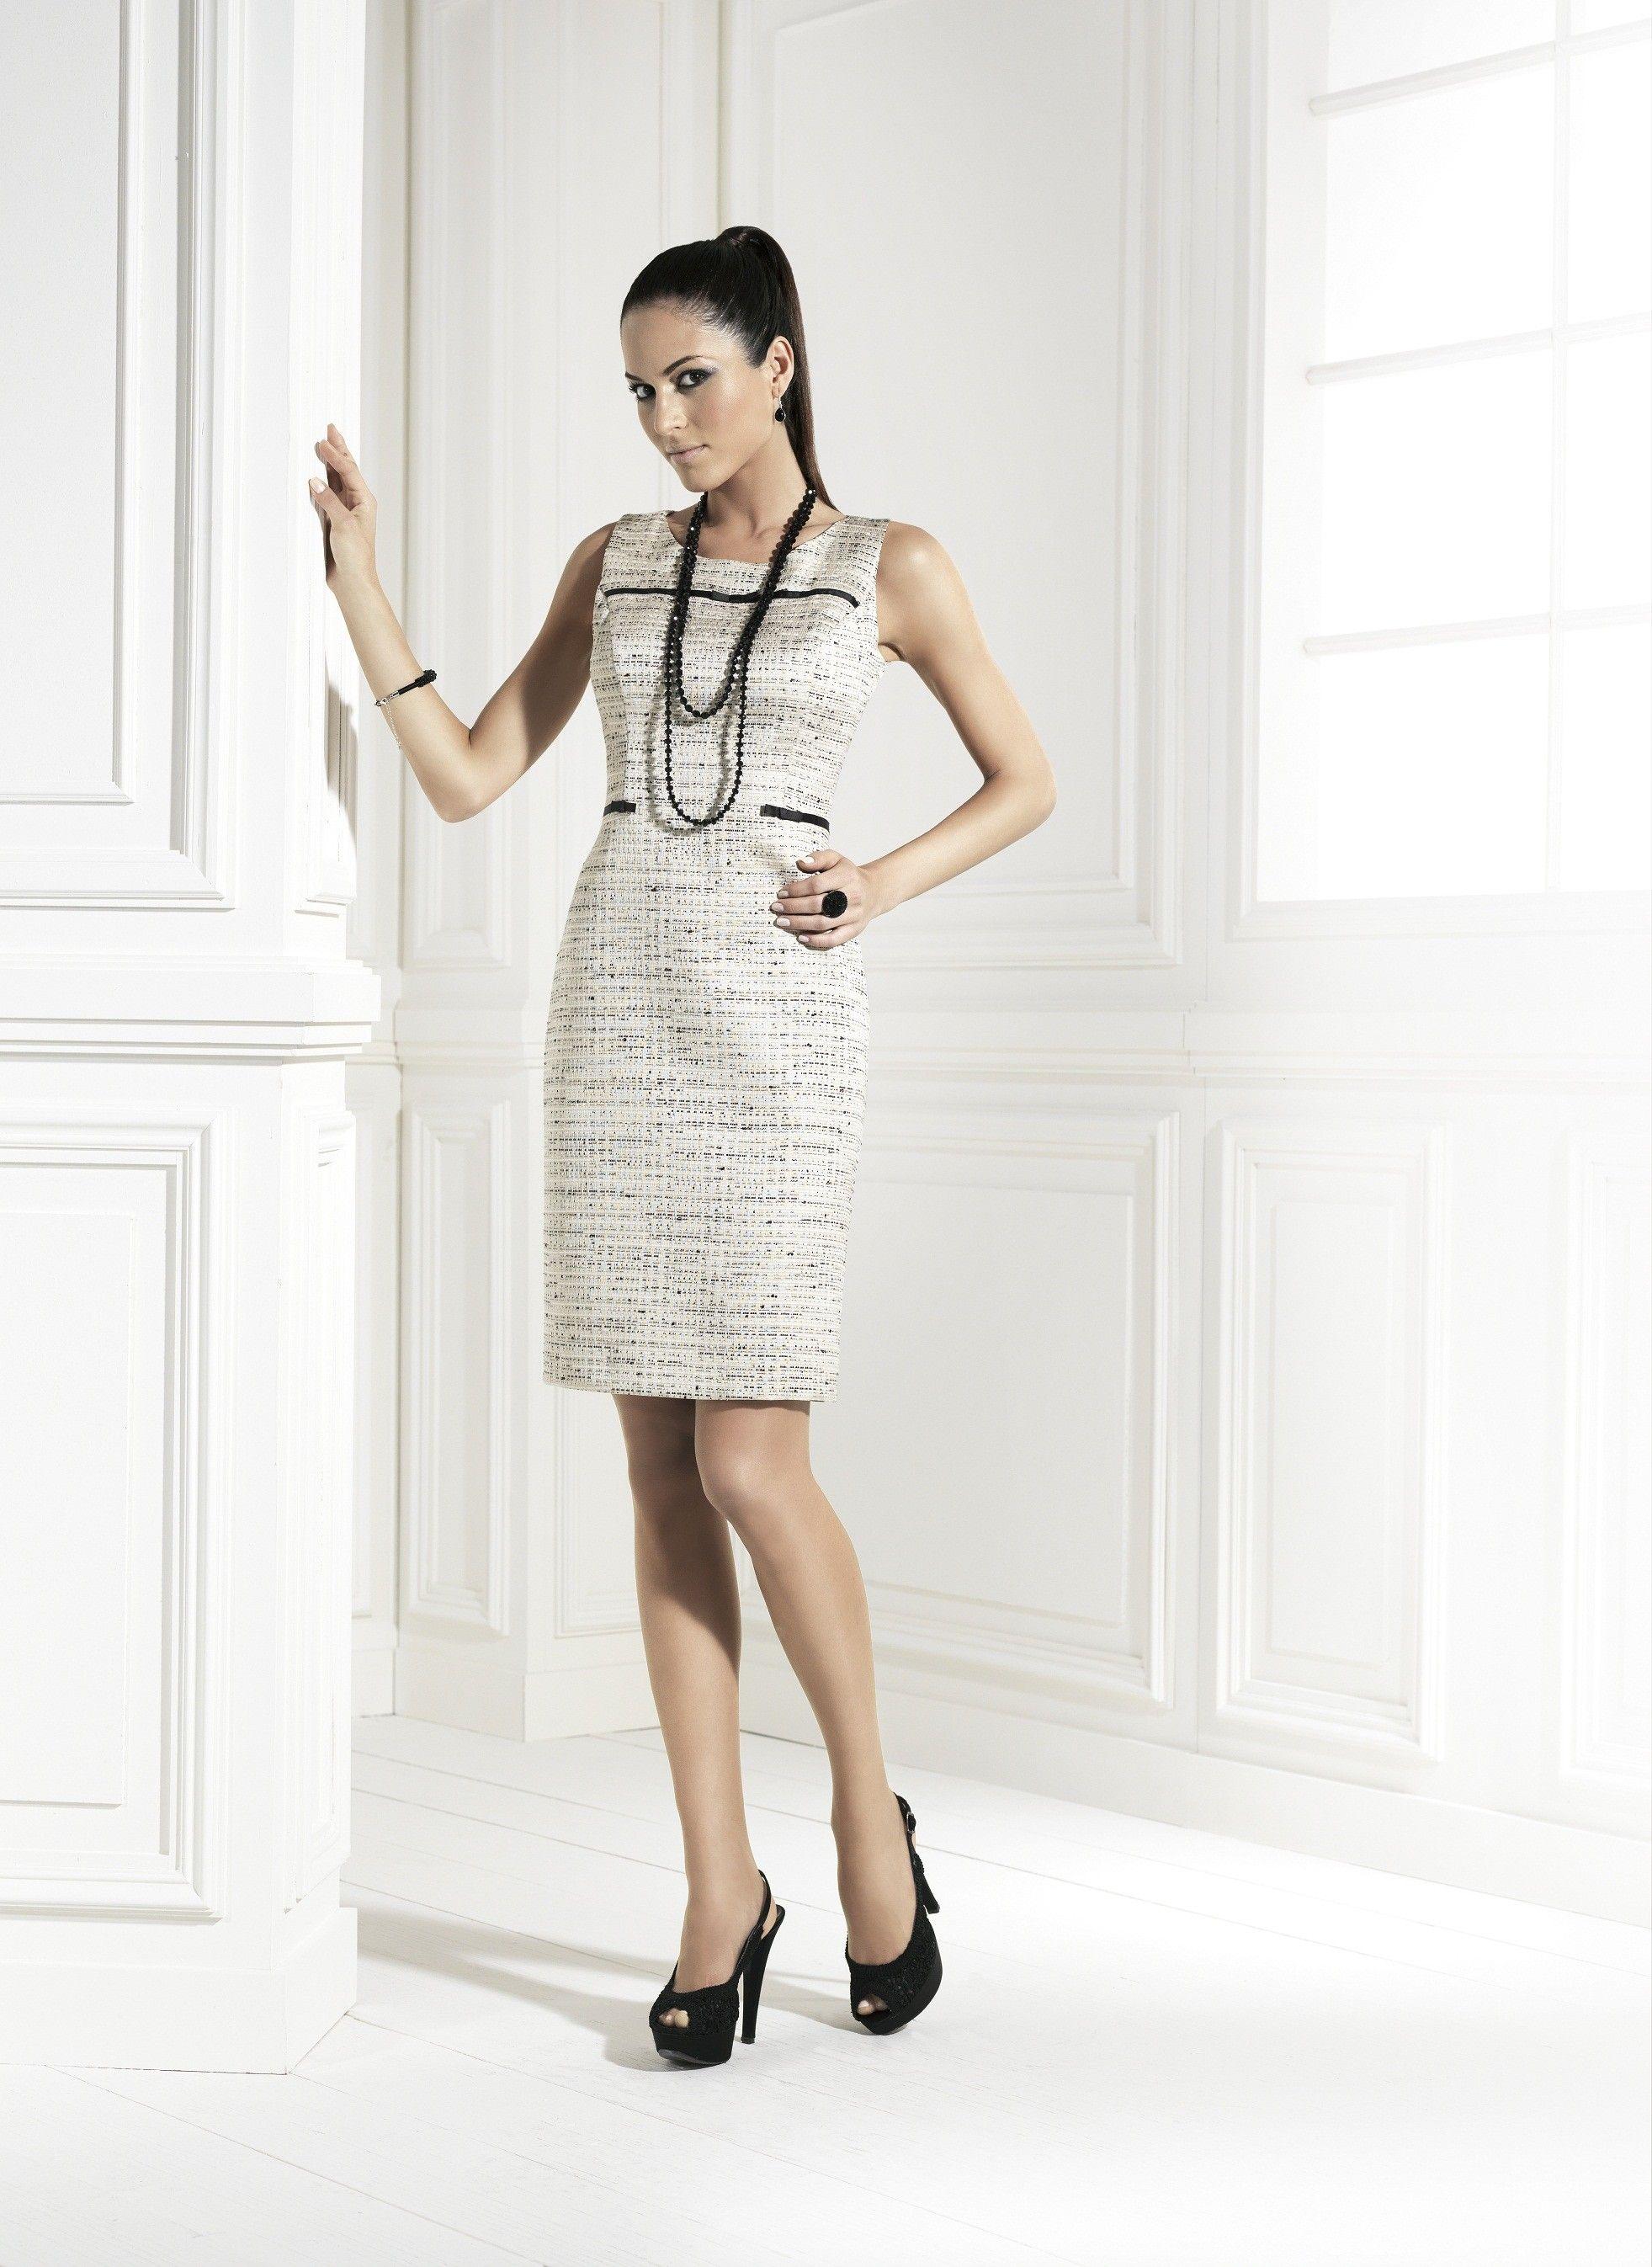 a4f522328 Vestido corto con chaqueta estilo Chanel. Perfecto para una boda, madrina  de boda, y fiestas.